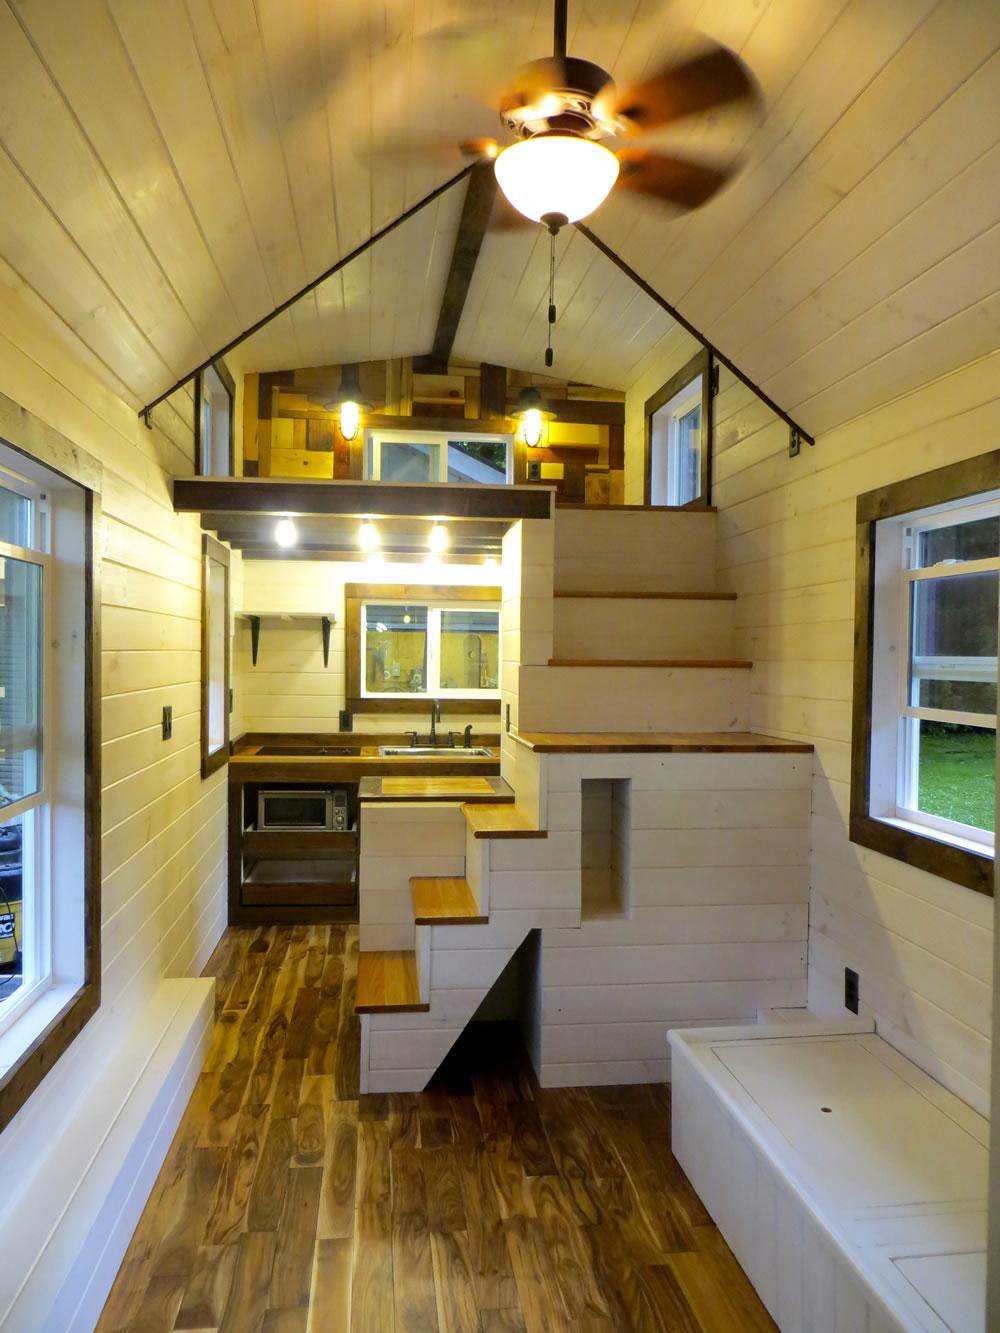 20-cozy-tiny-house-decor-ideas08